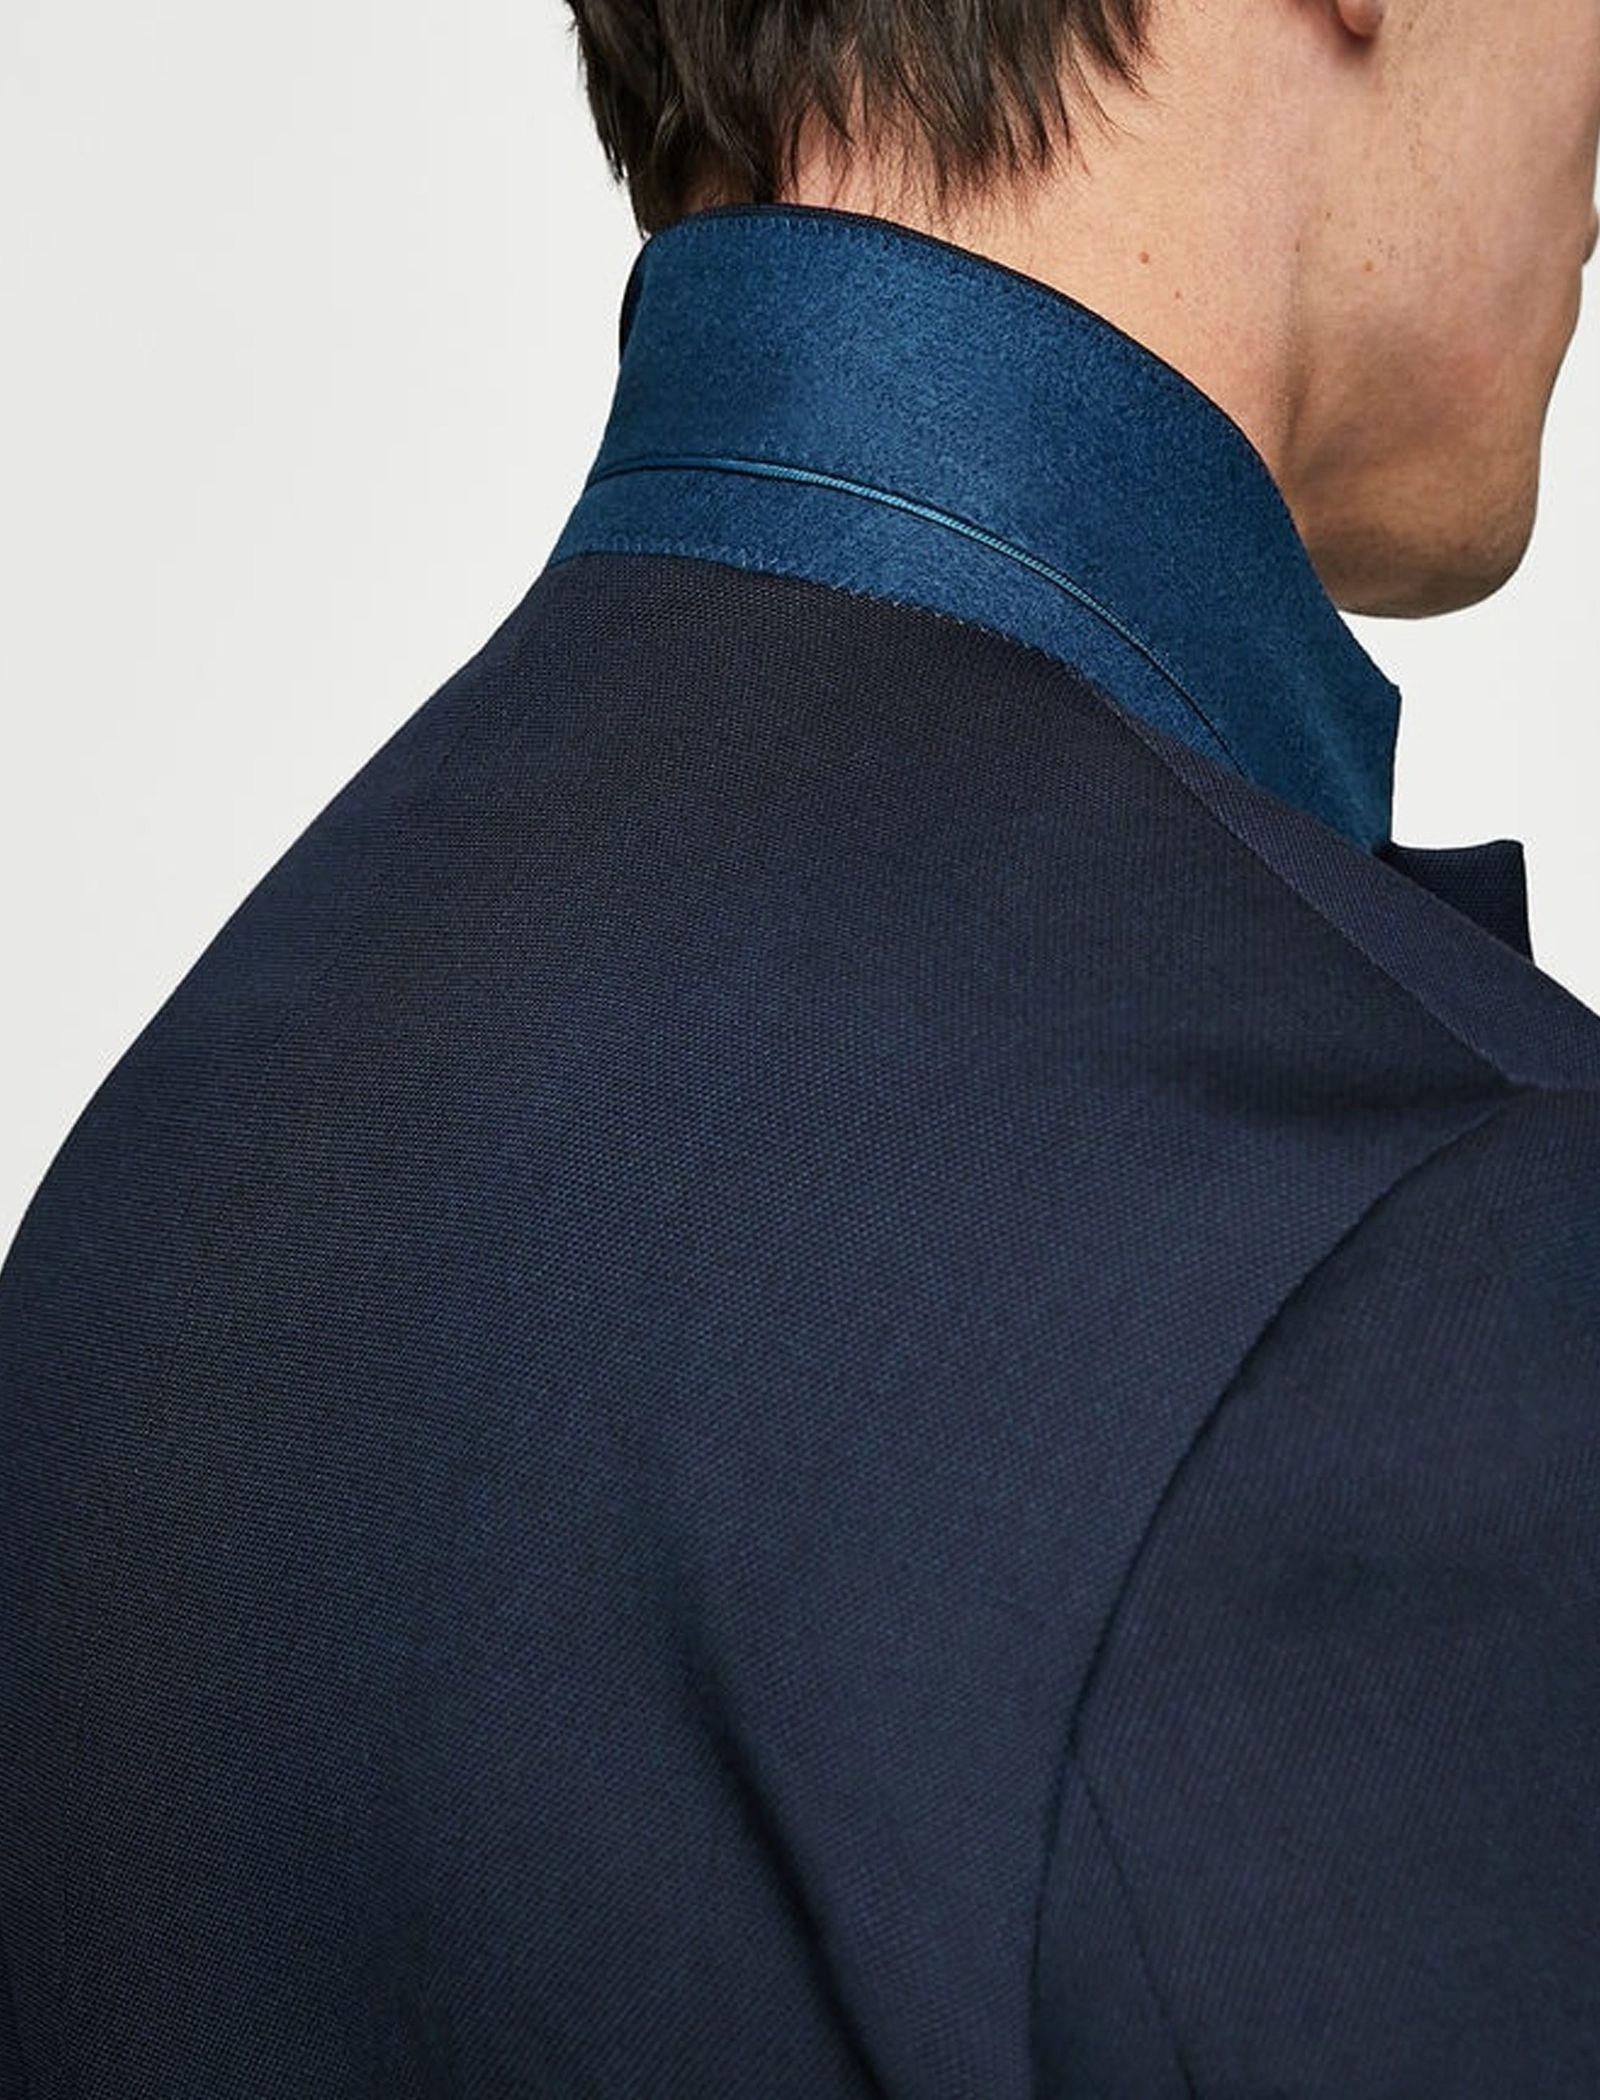 کت تک رسمی مردانه - مانگو - سرمه اي - 4